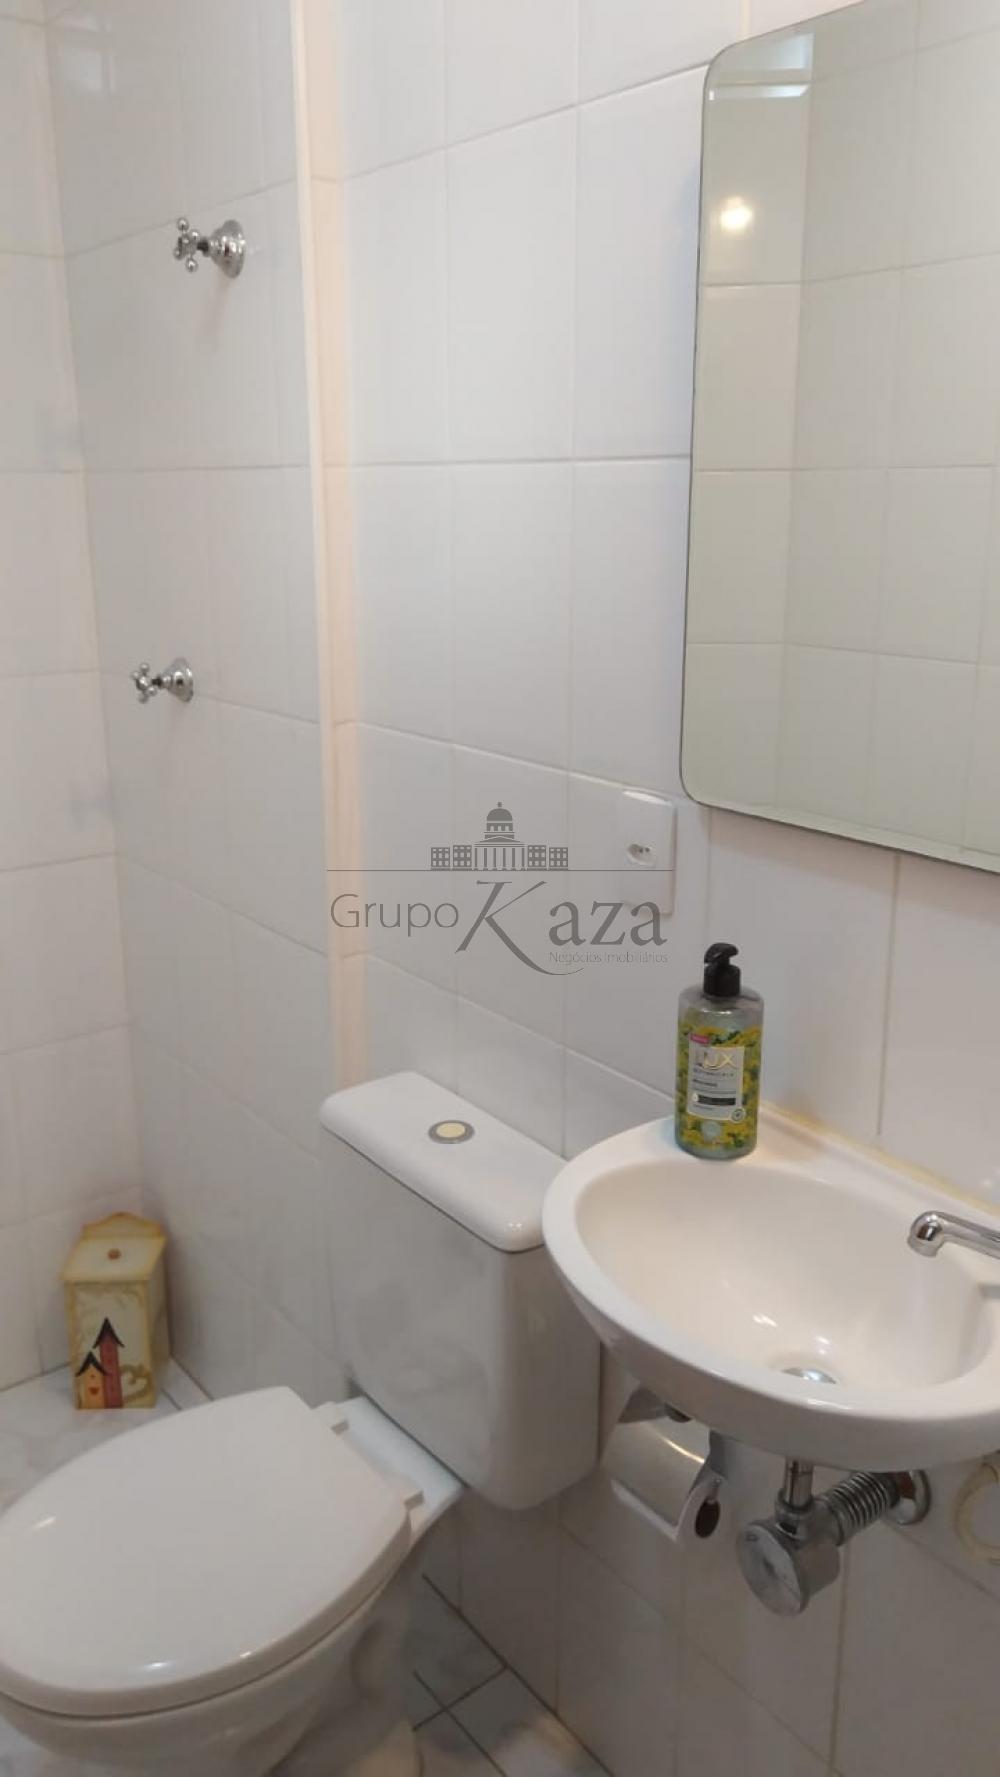 Comprar Apartamento / Padrão em São José dos Campos apenas R$ 1.500.000,00 - Foto 35